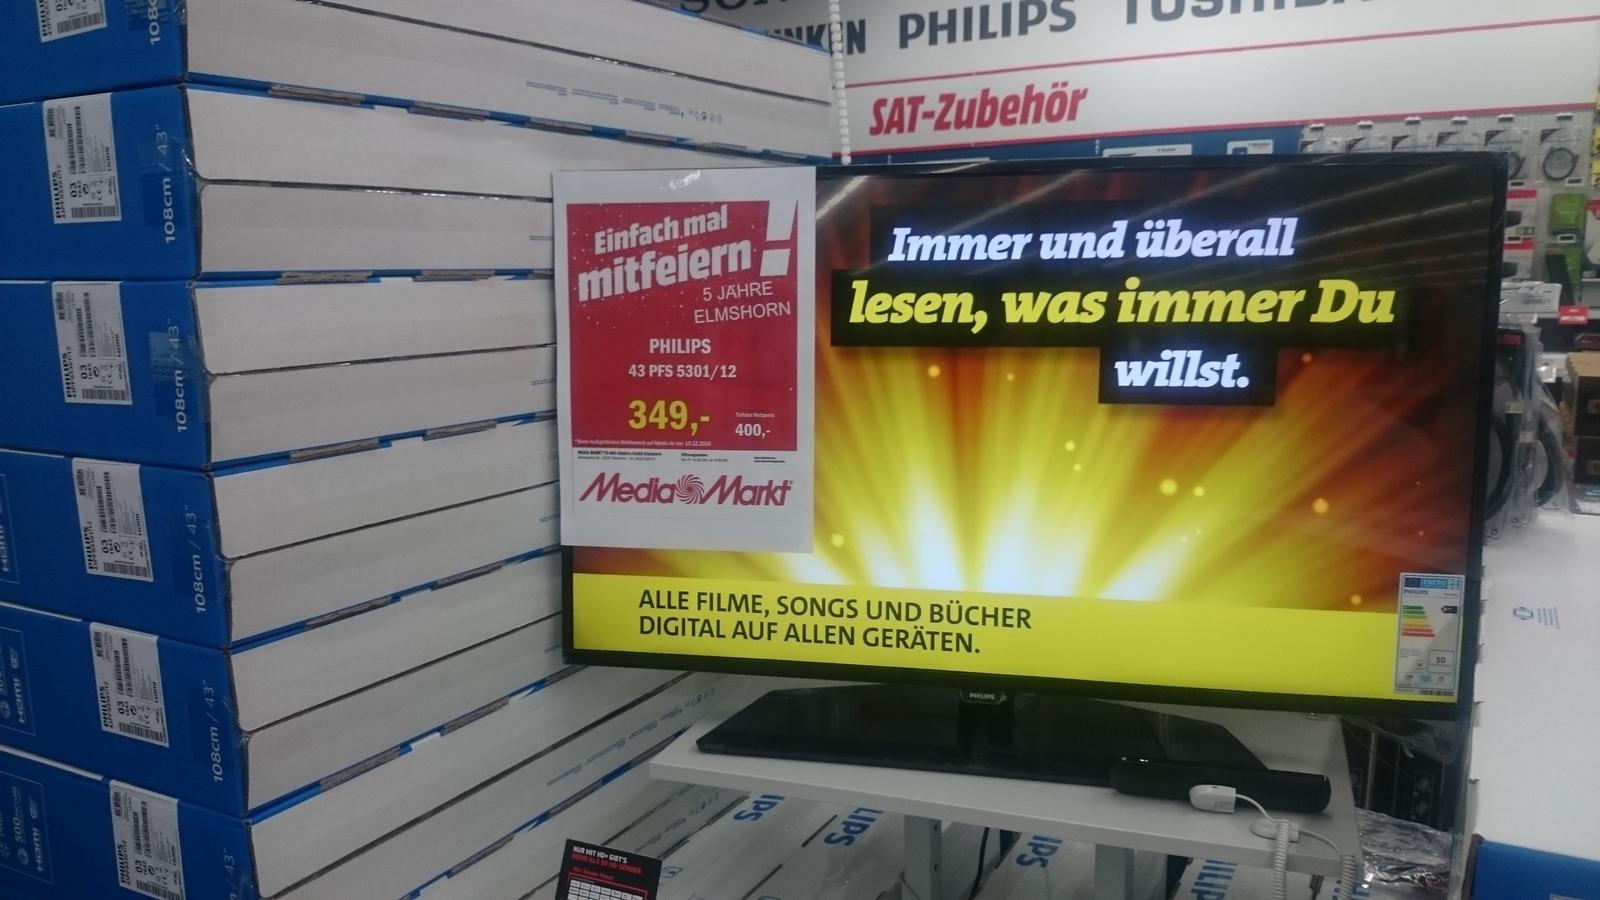 PHILIPS 43 PFS 5301 - MEDIAMARKT ELMSHORN - FullHD - Smart TV - 349 €